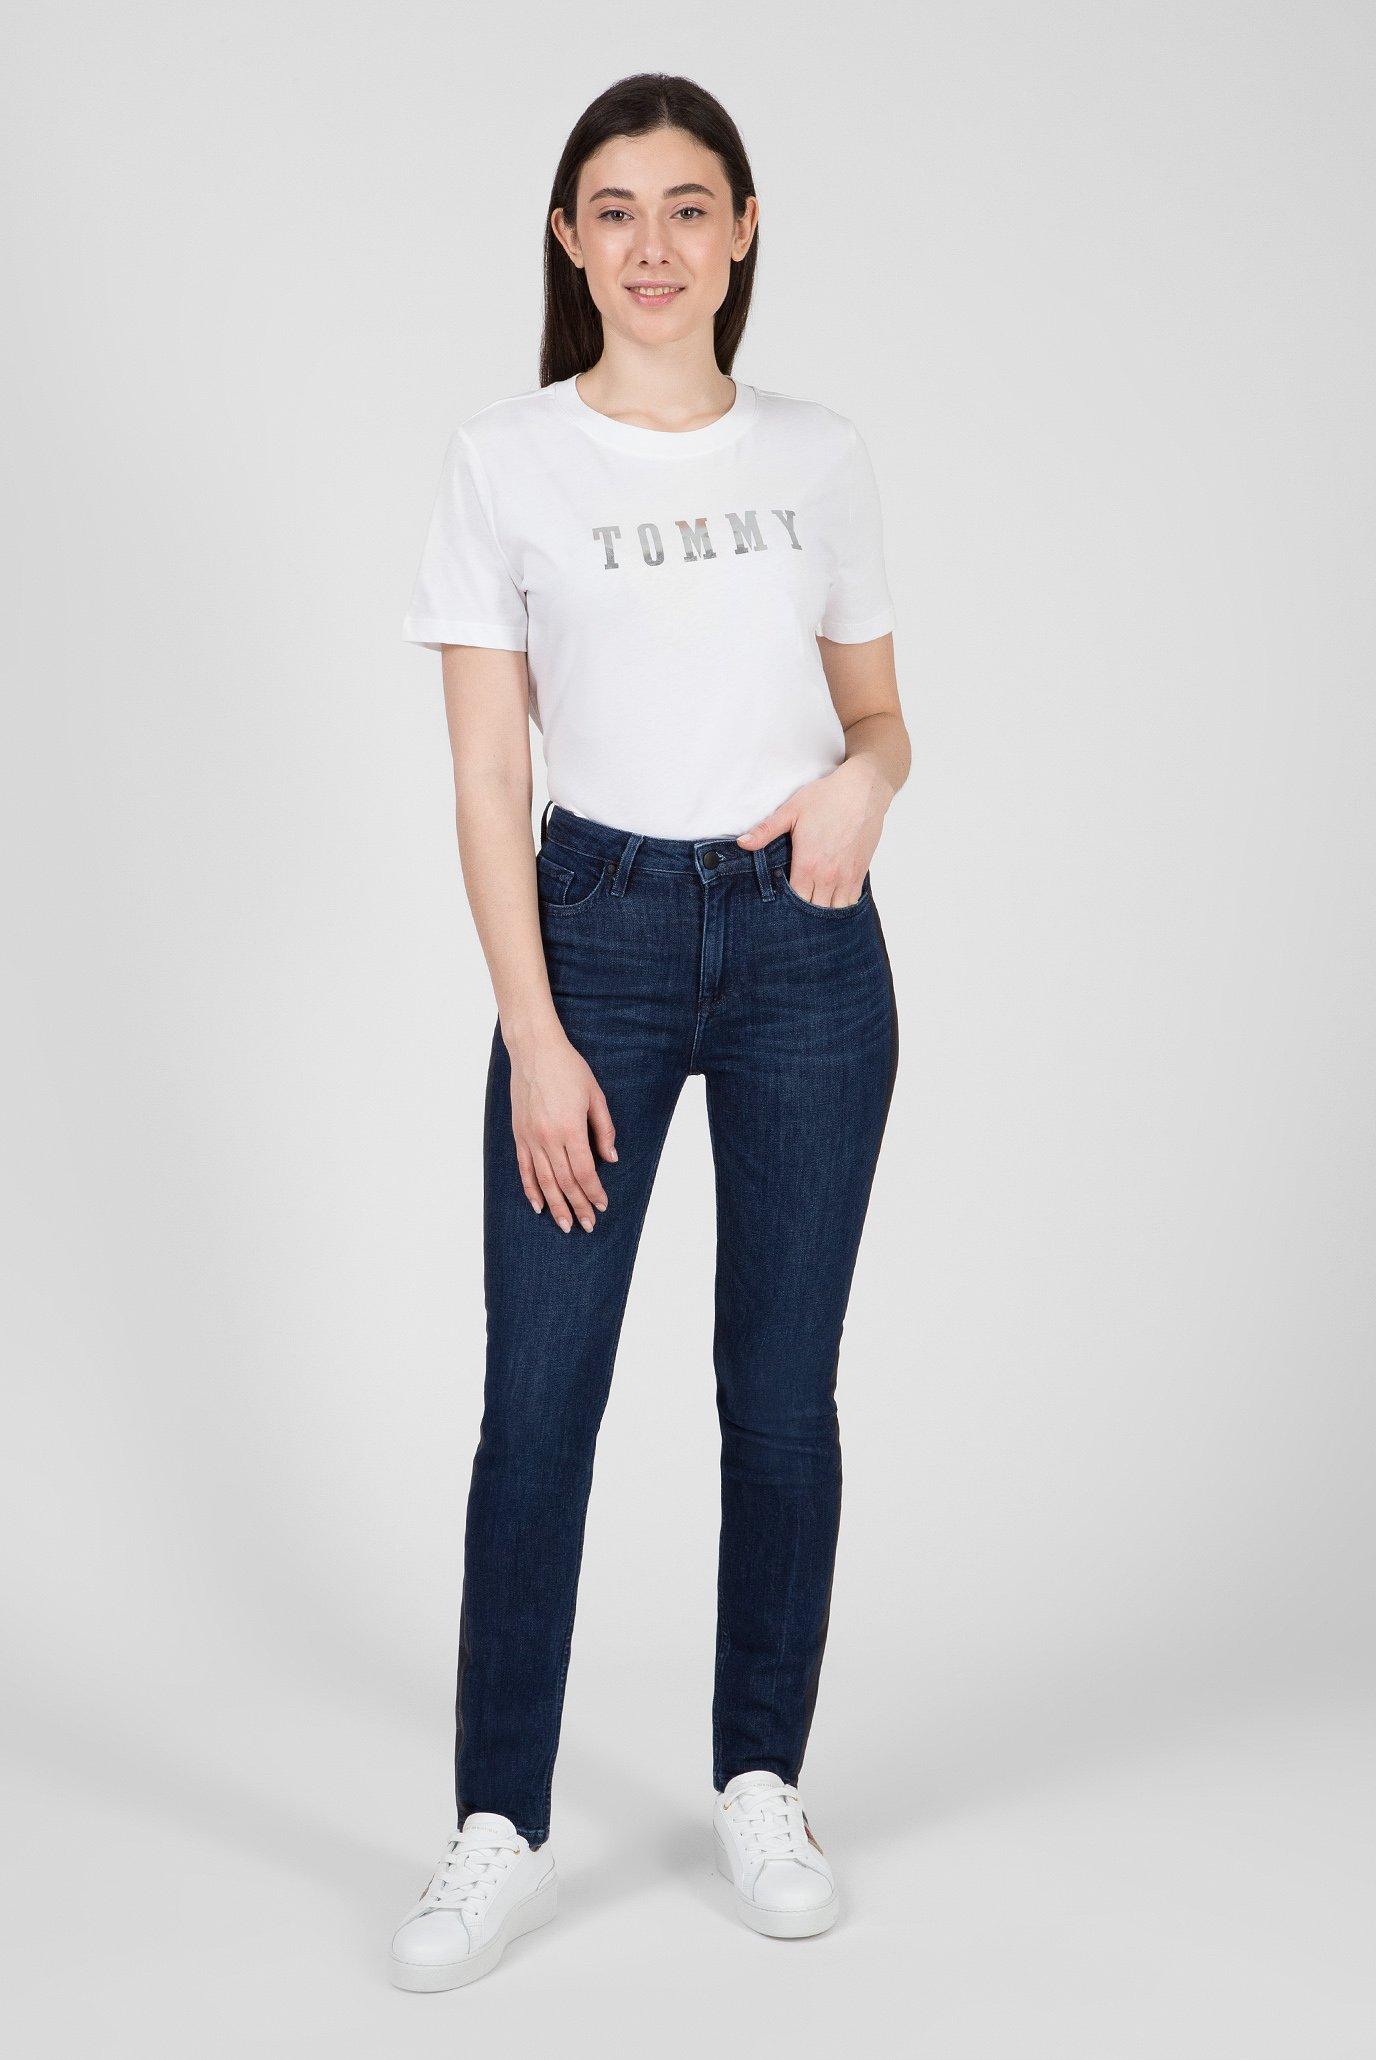 Купить Женские темно-синие джинсы RIVERPOINT Tommy Hilfiger Tommy Hilfiger WW0WW23809 – Киев, Украина. Цены в интернет магазине MD Fashion